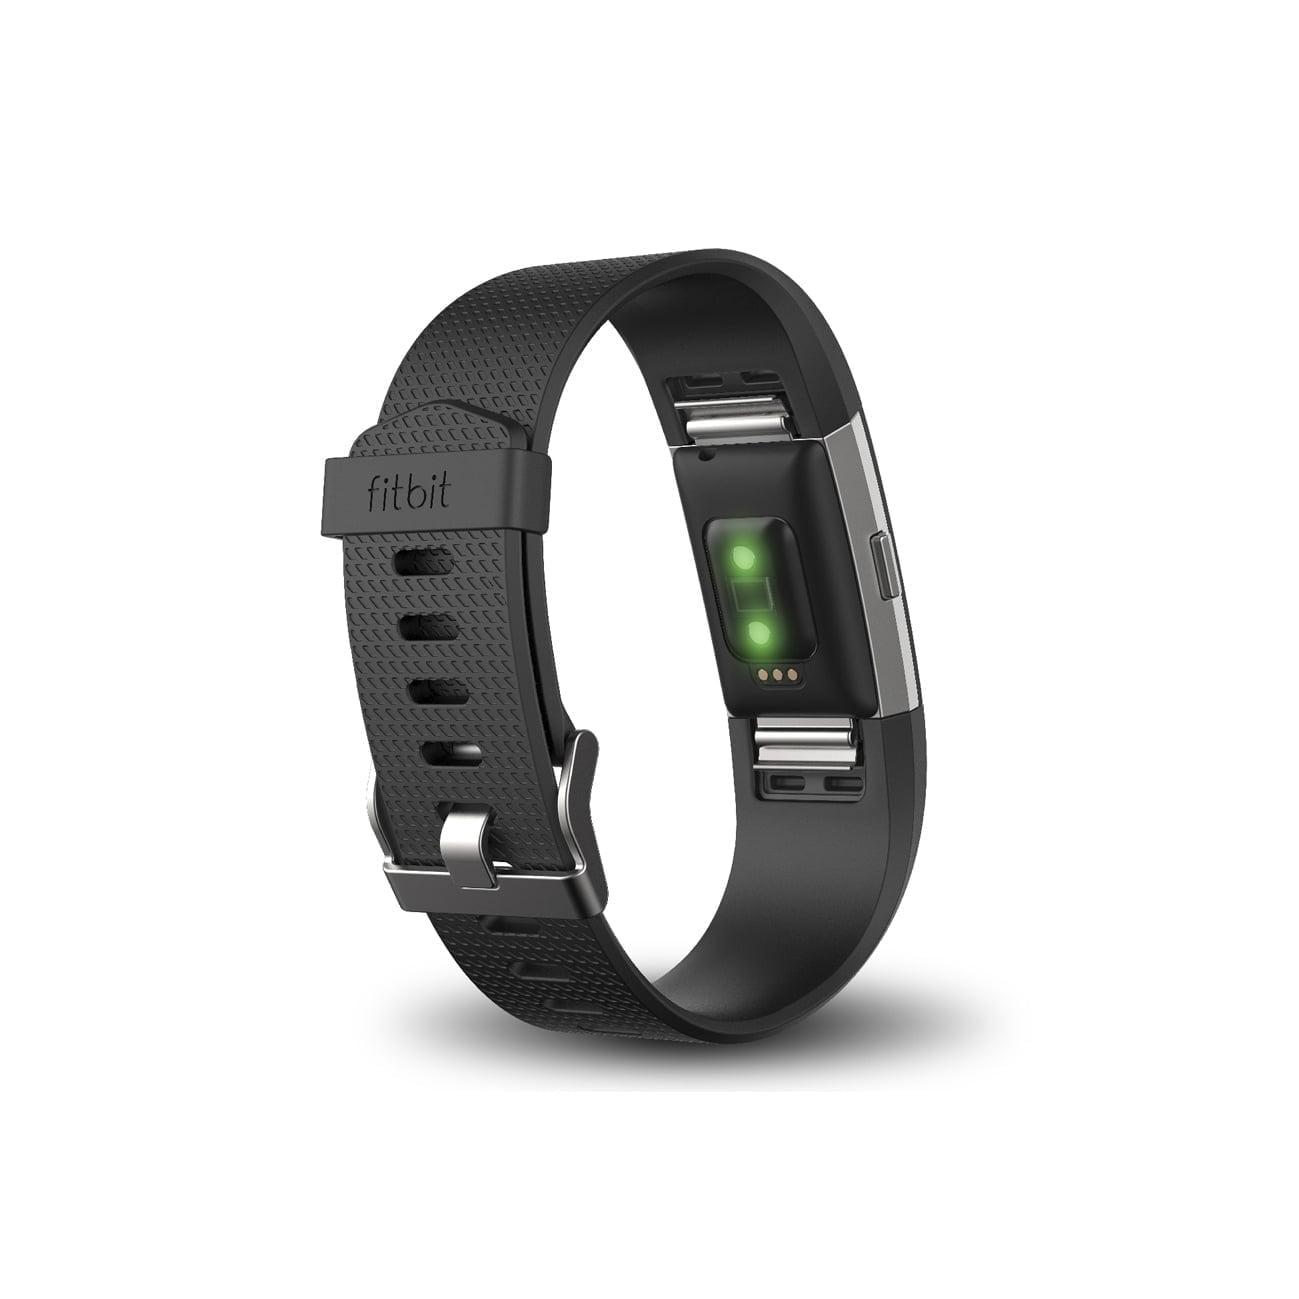 9fe0193a98d ... aktivitetsarmbånd test pris misfit ray FItbit Charge 2 (Foto: Fitbit)  Aktivitetsarmbånd